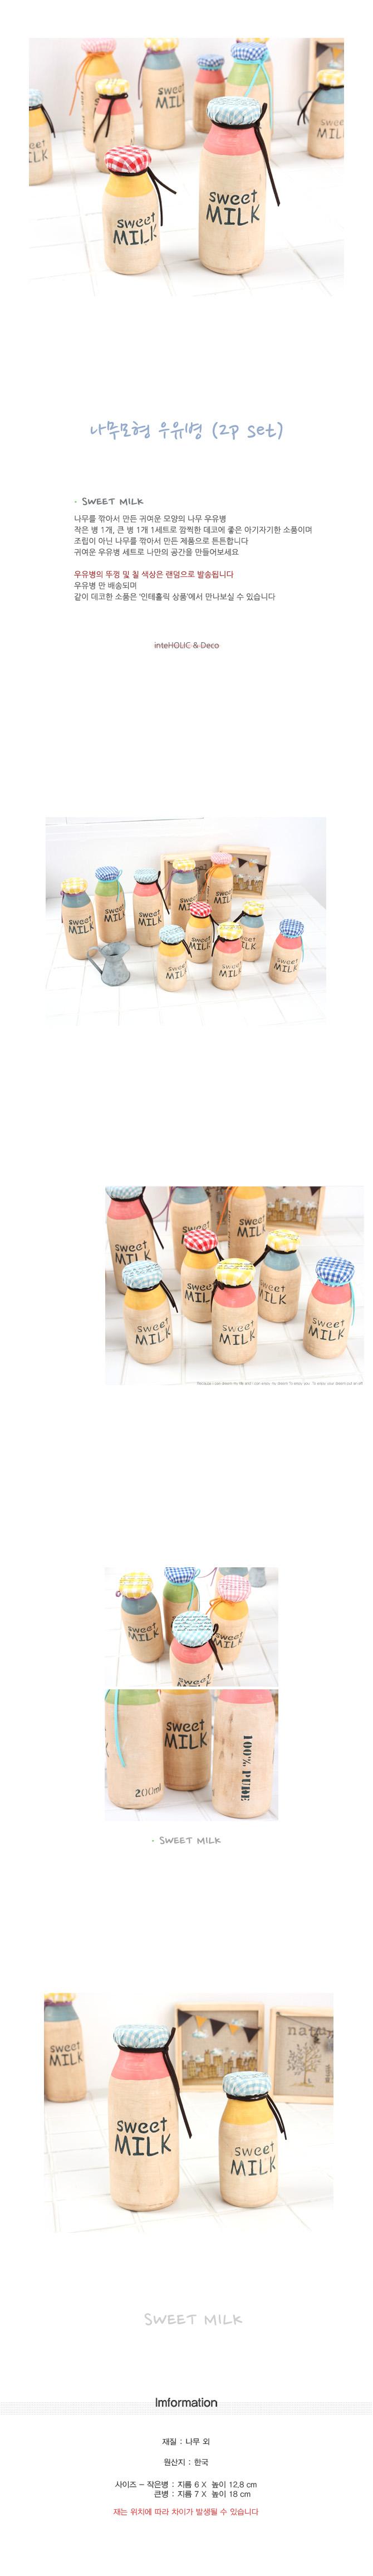 나무모형 우유병(2p set) - 인테홀릭, 30,800원, 장식소품, 이니셜/알파벳모형